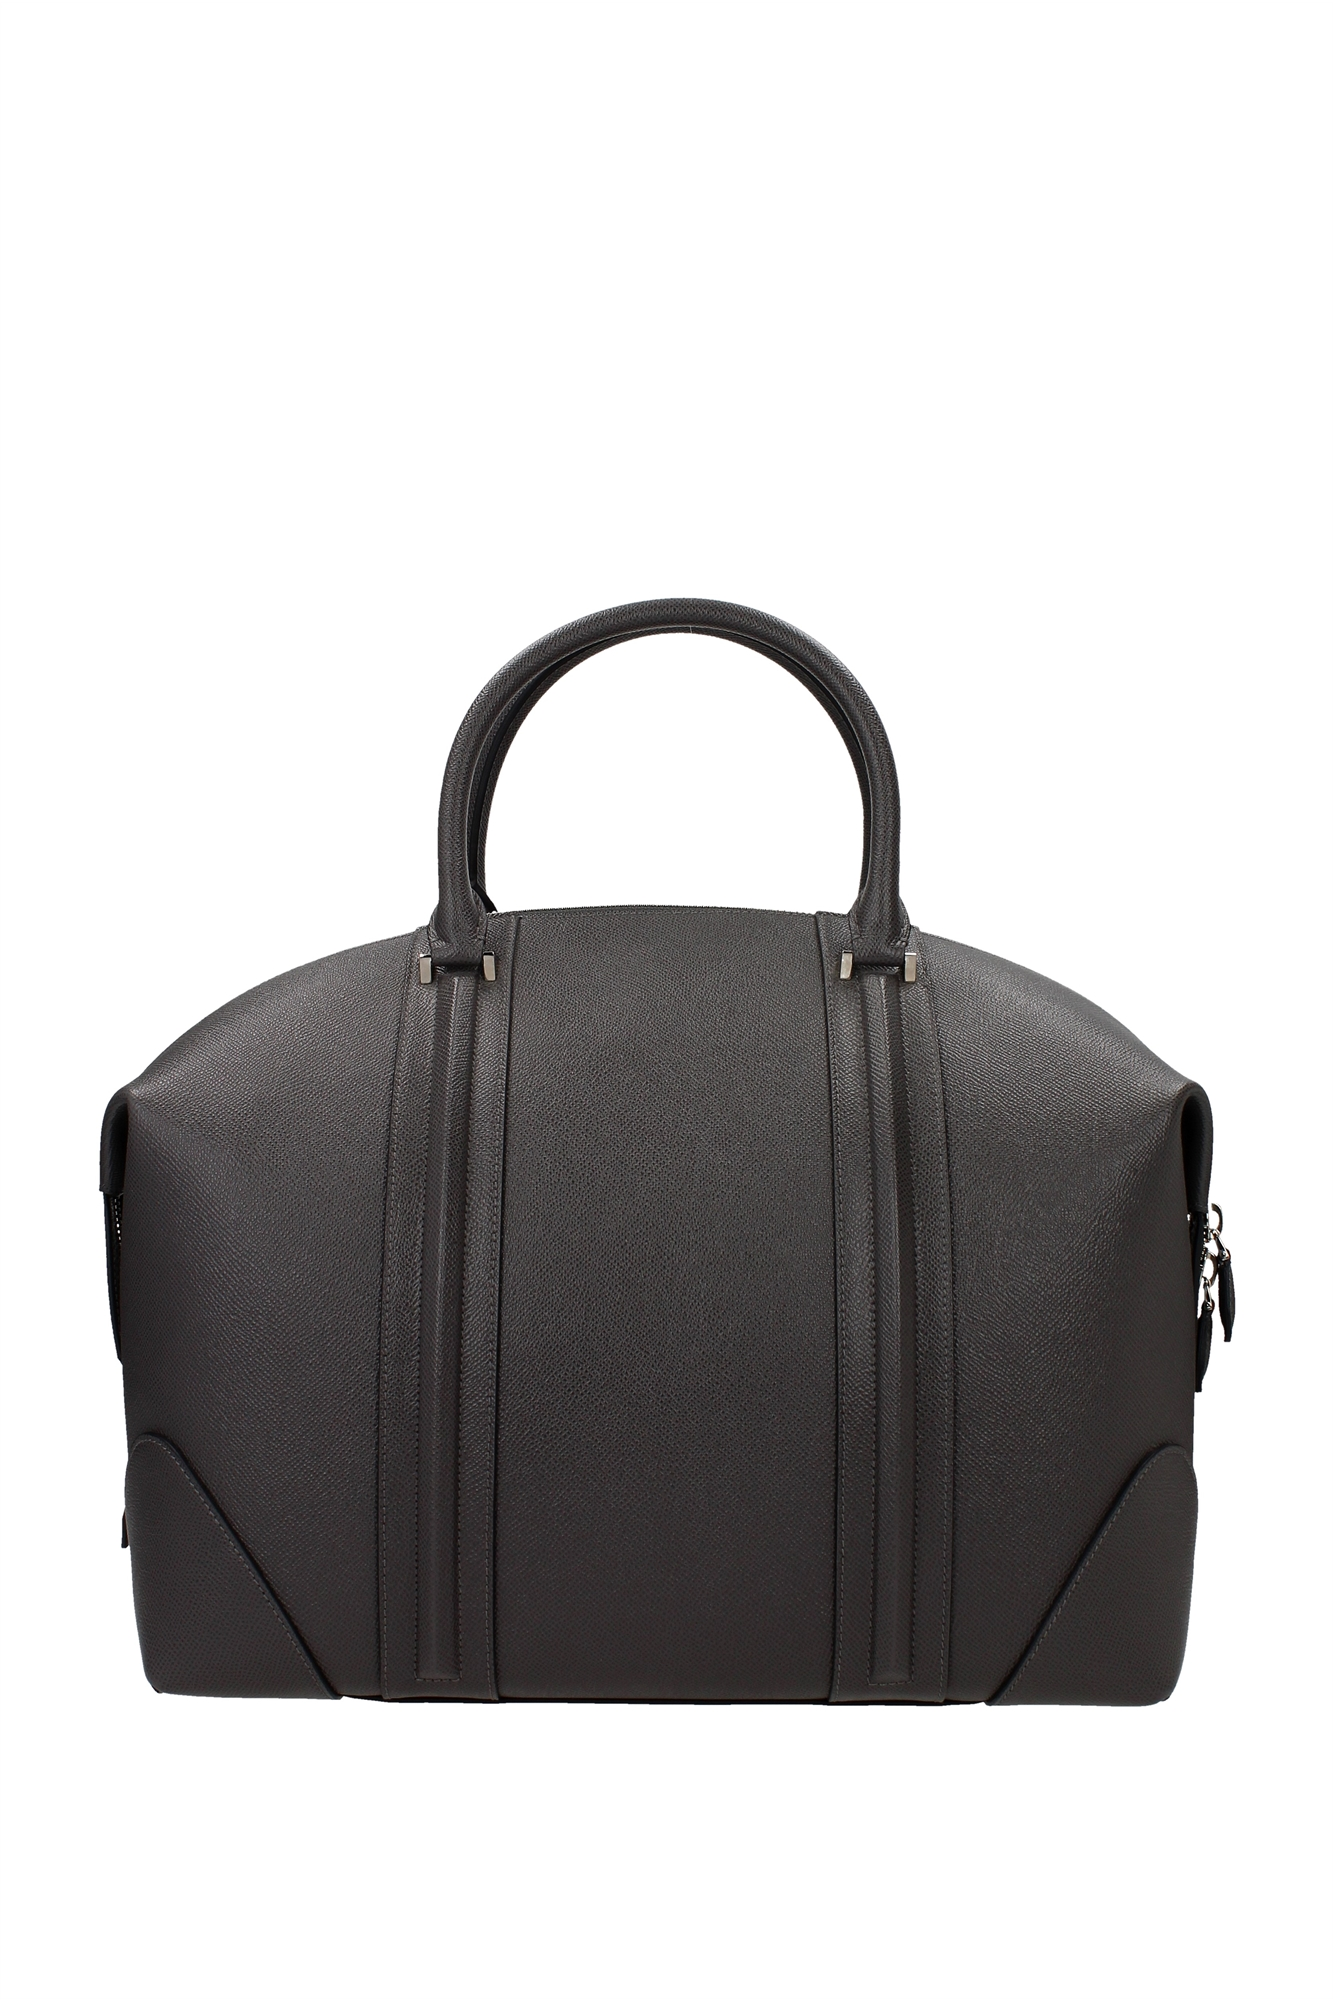 handtasche givenchy damen leder grau bj05821026021 ebay. Black Bedroom Furniture Sets. Home Design Ideas